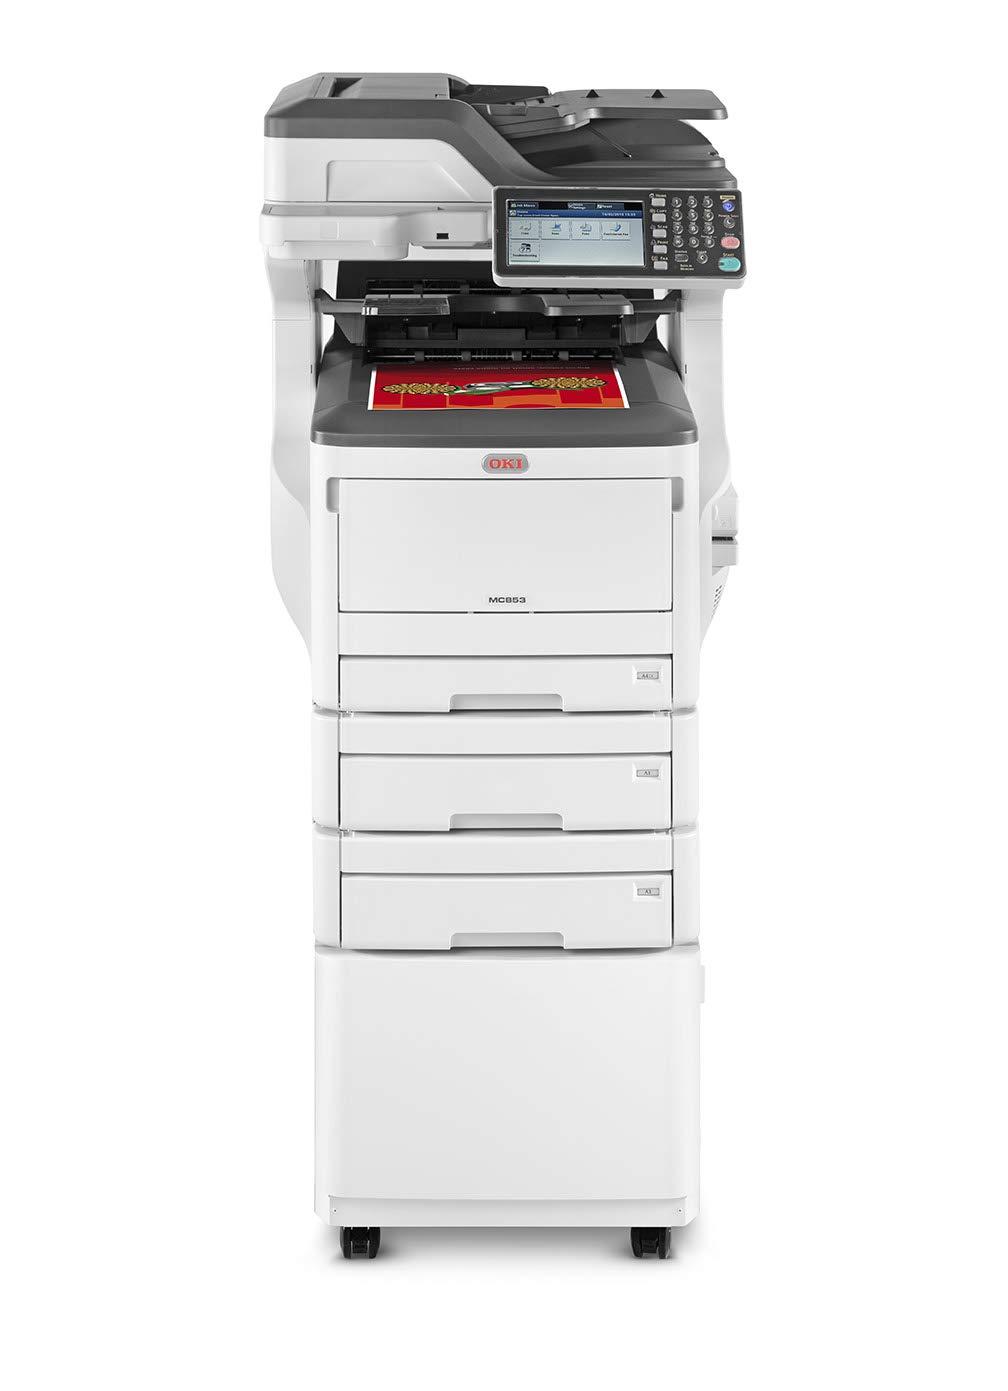 OKI MC853dnct LED 23 ppm 1200 x 600 dpi A3 - Impresora multifunción (LED, Impresión a Color, 1200 x 600 dpi, 535 Hojas, A3, Negro, Blanco)